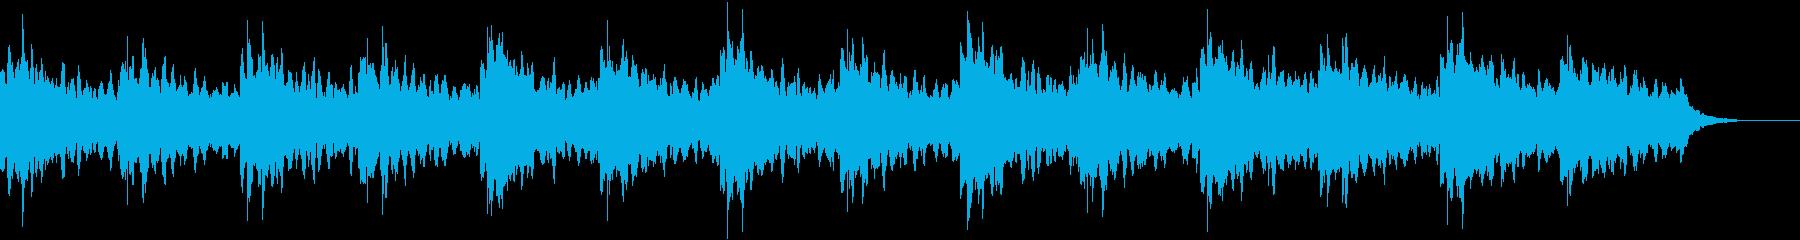 1分半ソング 水中散策 エレキギターの再生済みの波形